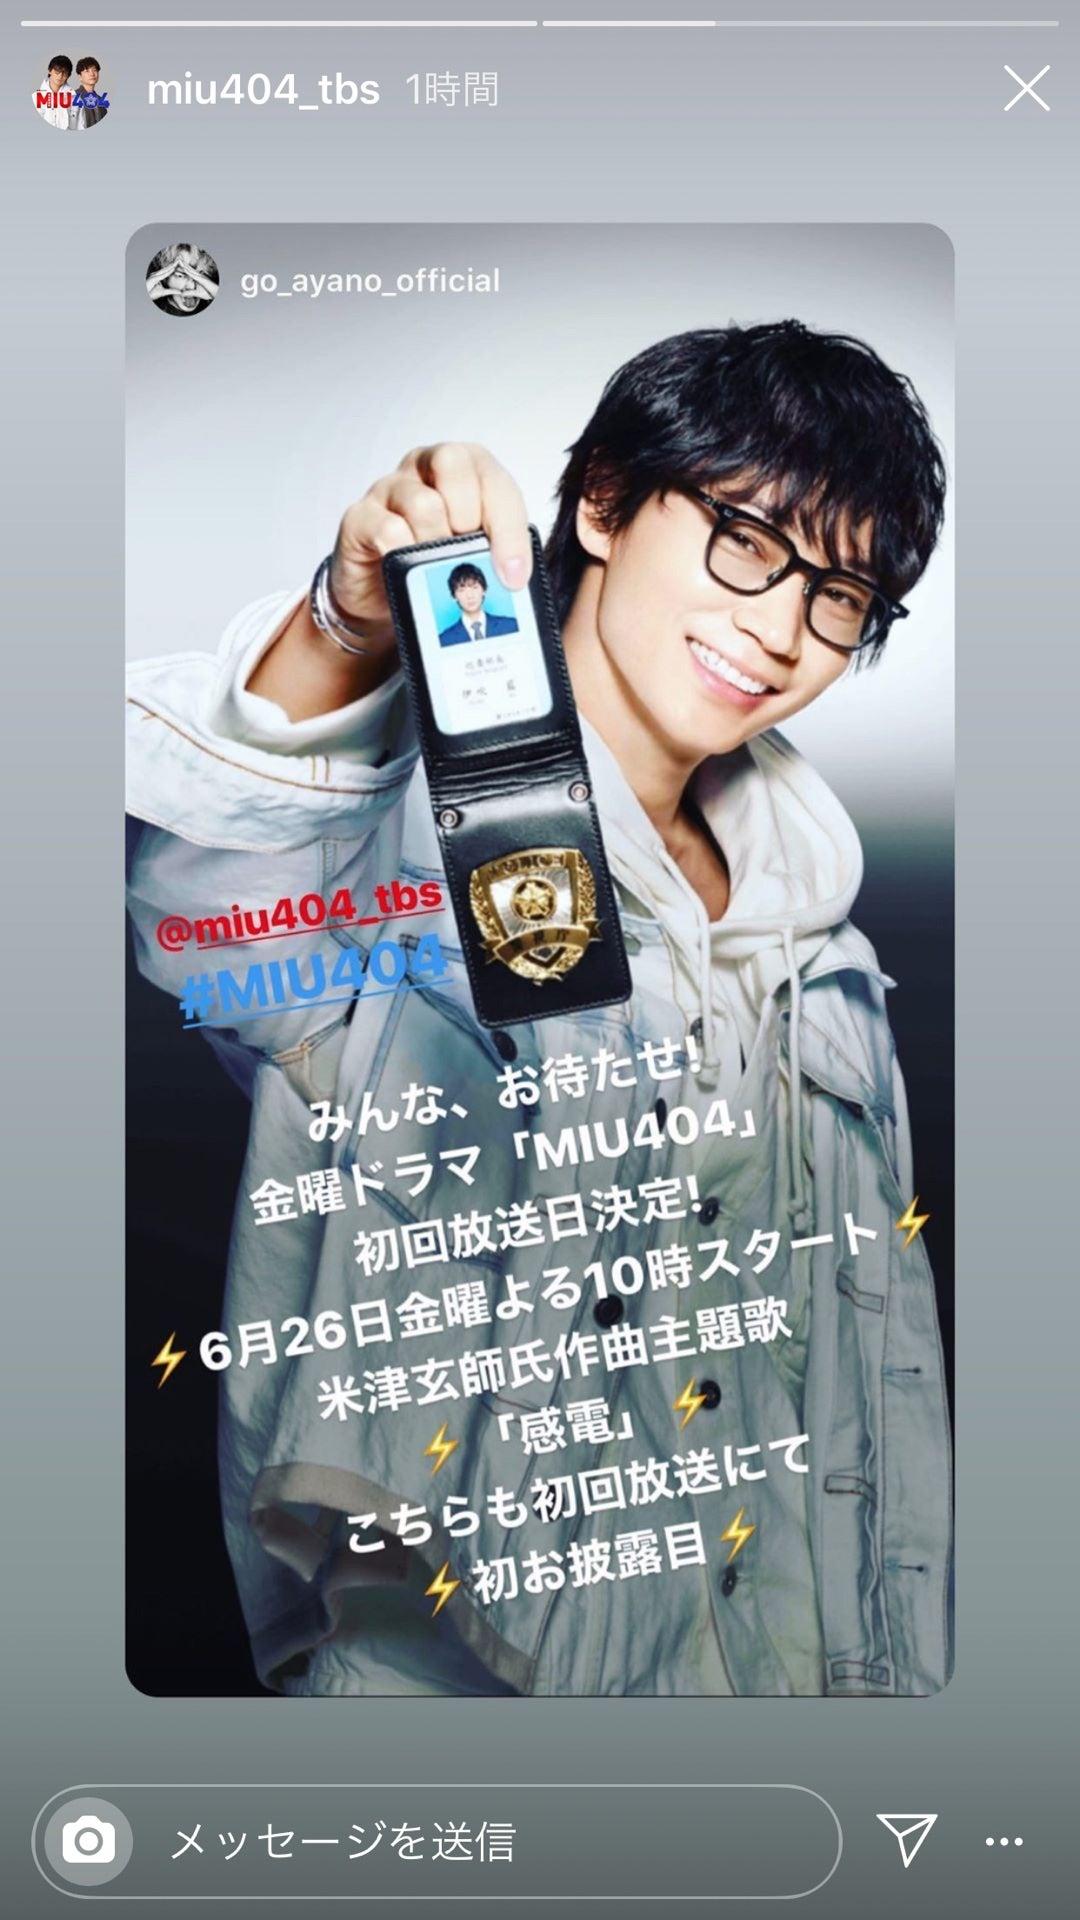 日 放送 miu404 初回 綾野剛&星野源「MIU404」初回、息もつかせぬ展開に視聴者大興奮